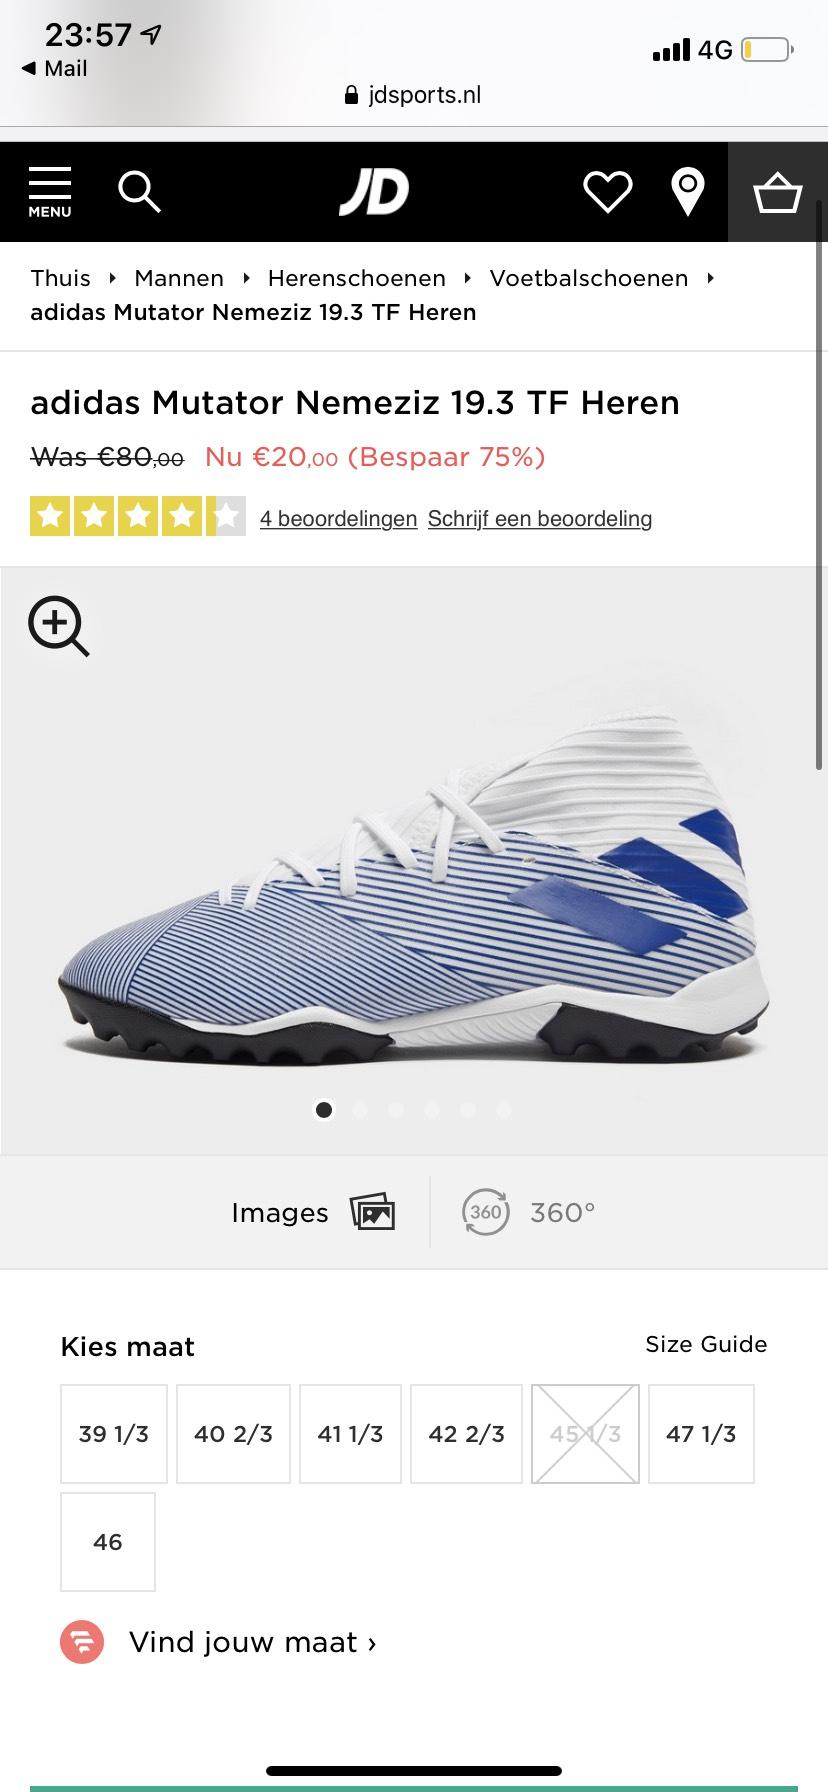 Adidas Mutator Nemeziz 19.3 TF Heren